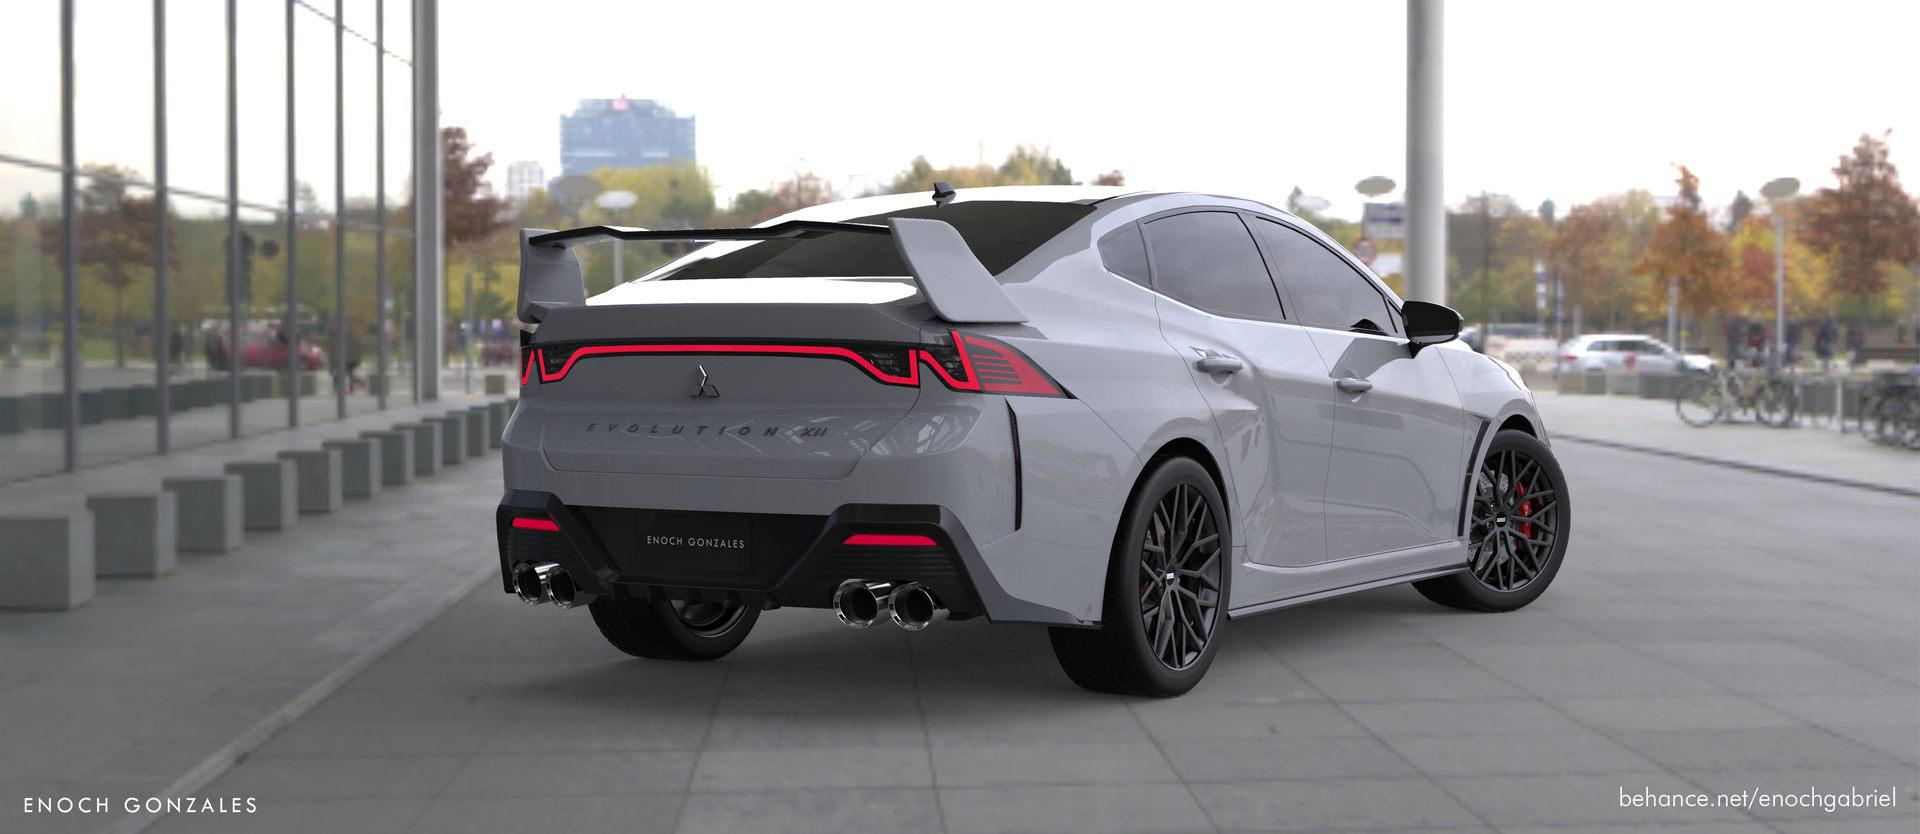 Mitsubishi-Lancer-Evo-XII-renderings-6